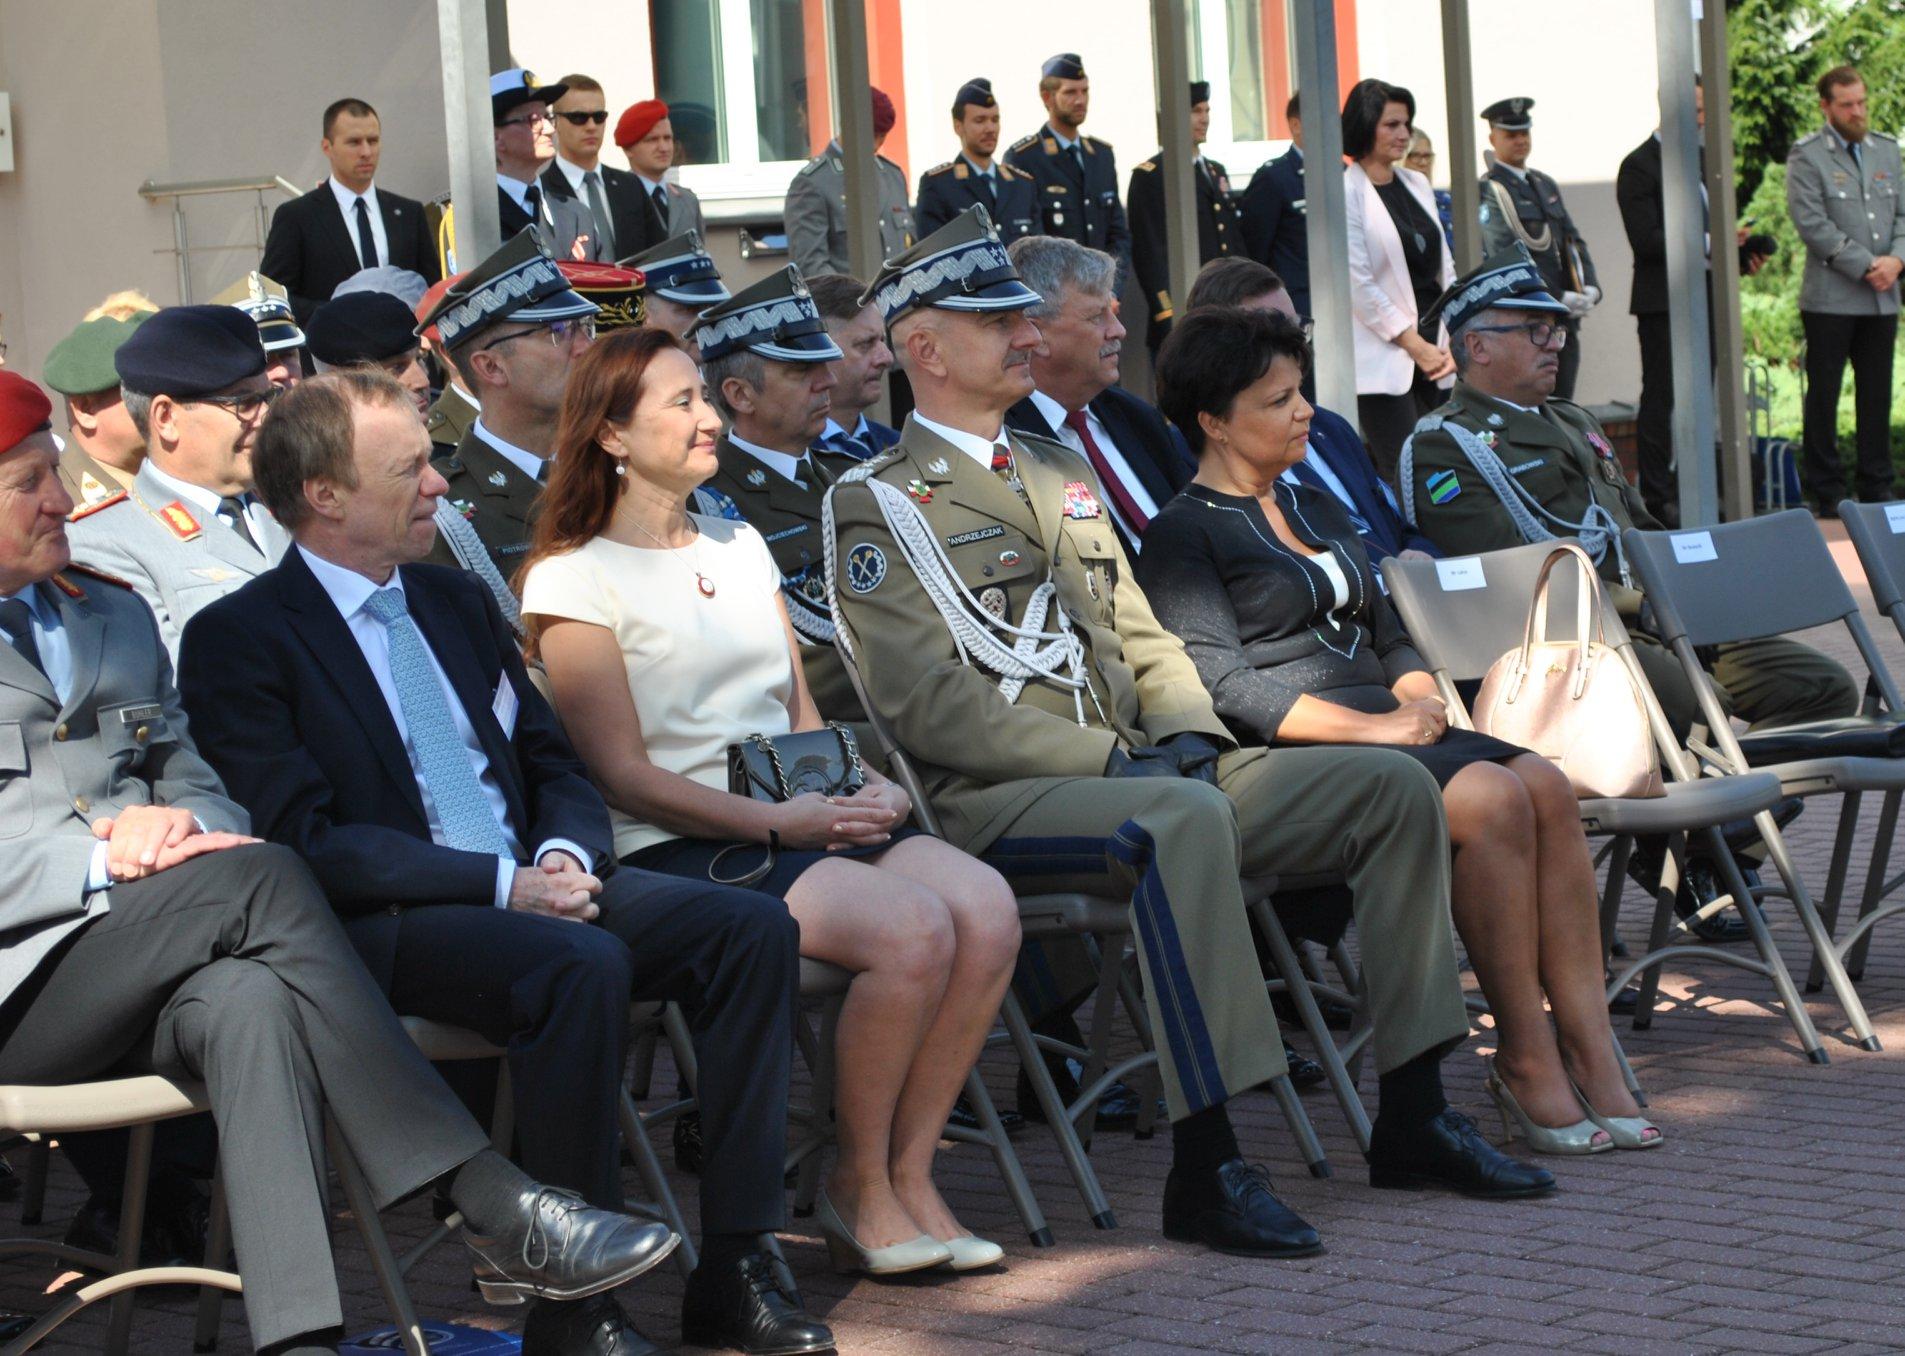 Generał Adam Joks został nowym dowódcą NATO-wskiego Centrum Szkolenia Sił Połączonych (JFTC) w Bydgoszczy